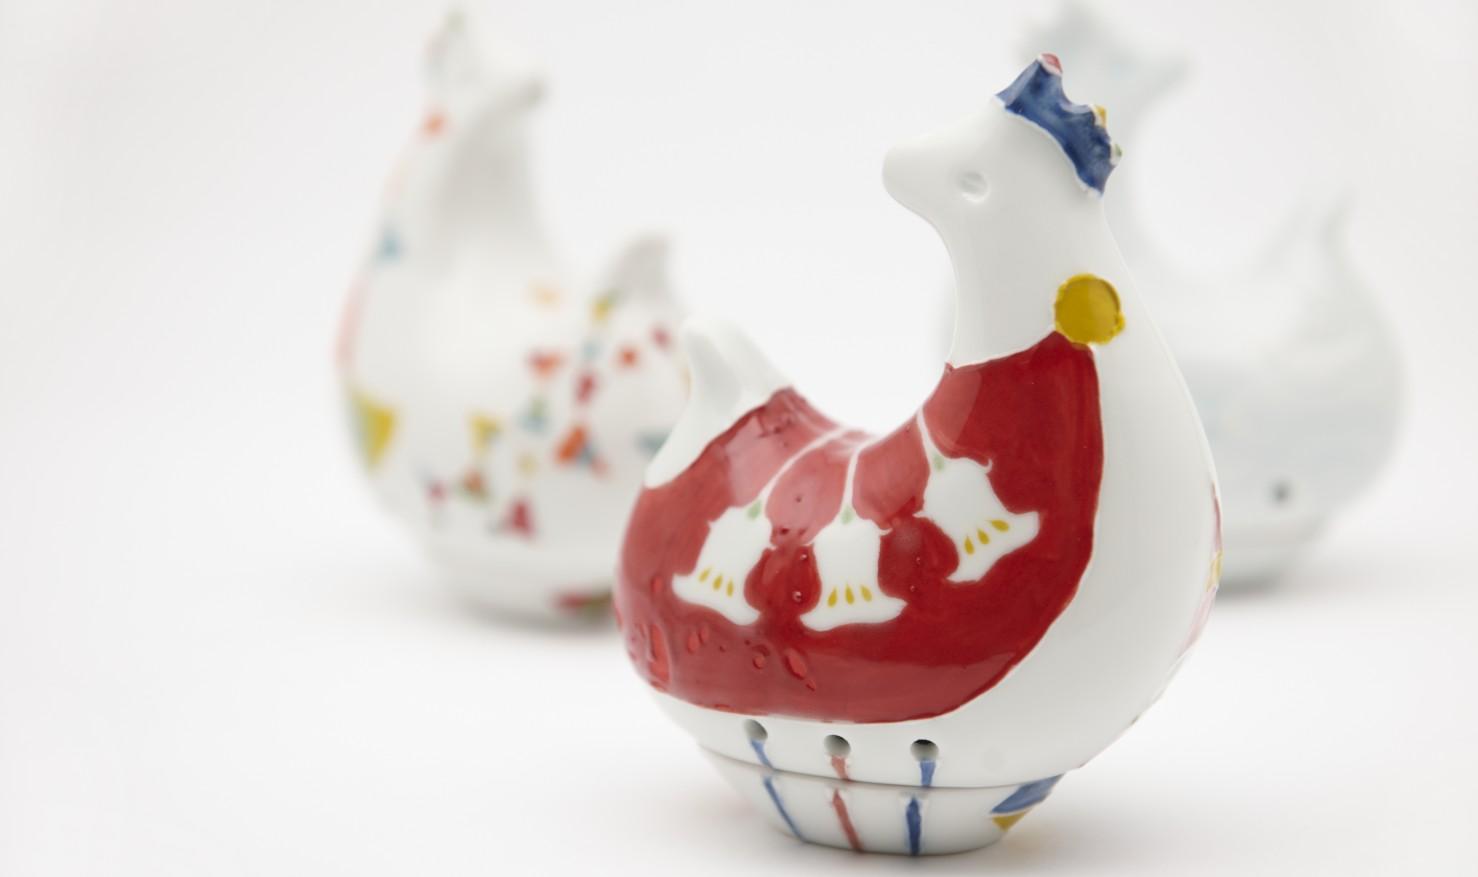 Toilet bird by Ayaka Nomura / 野村綾香